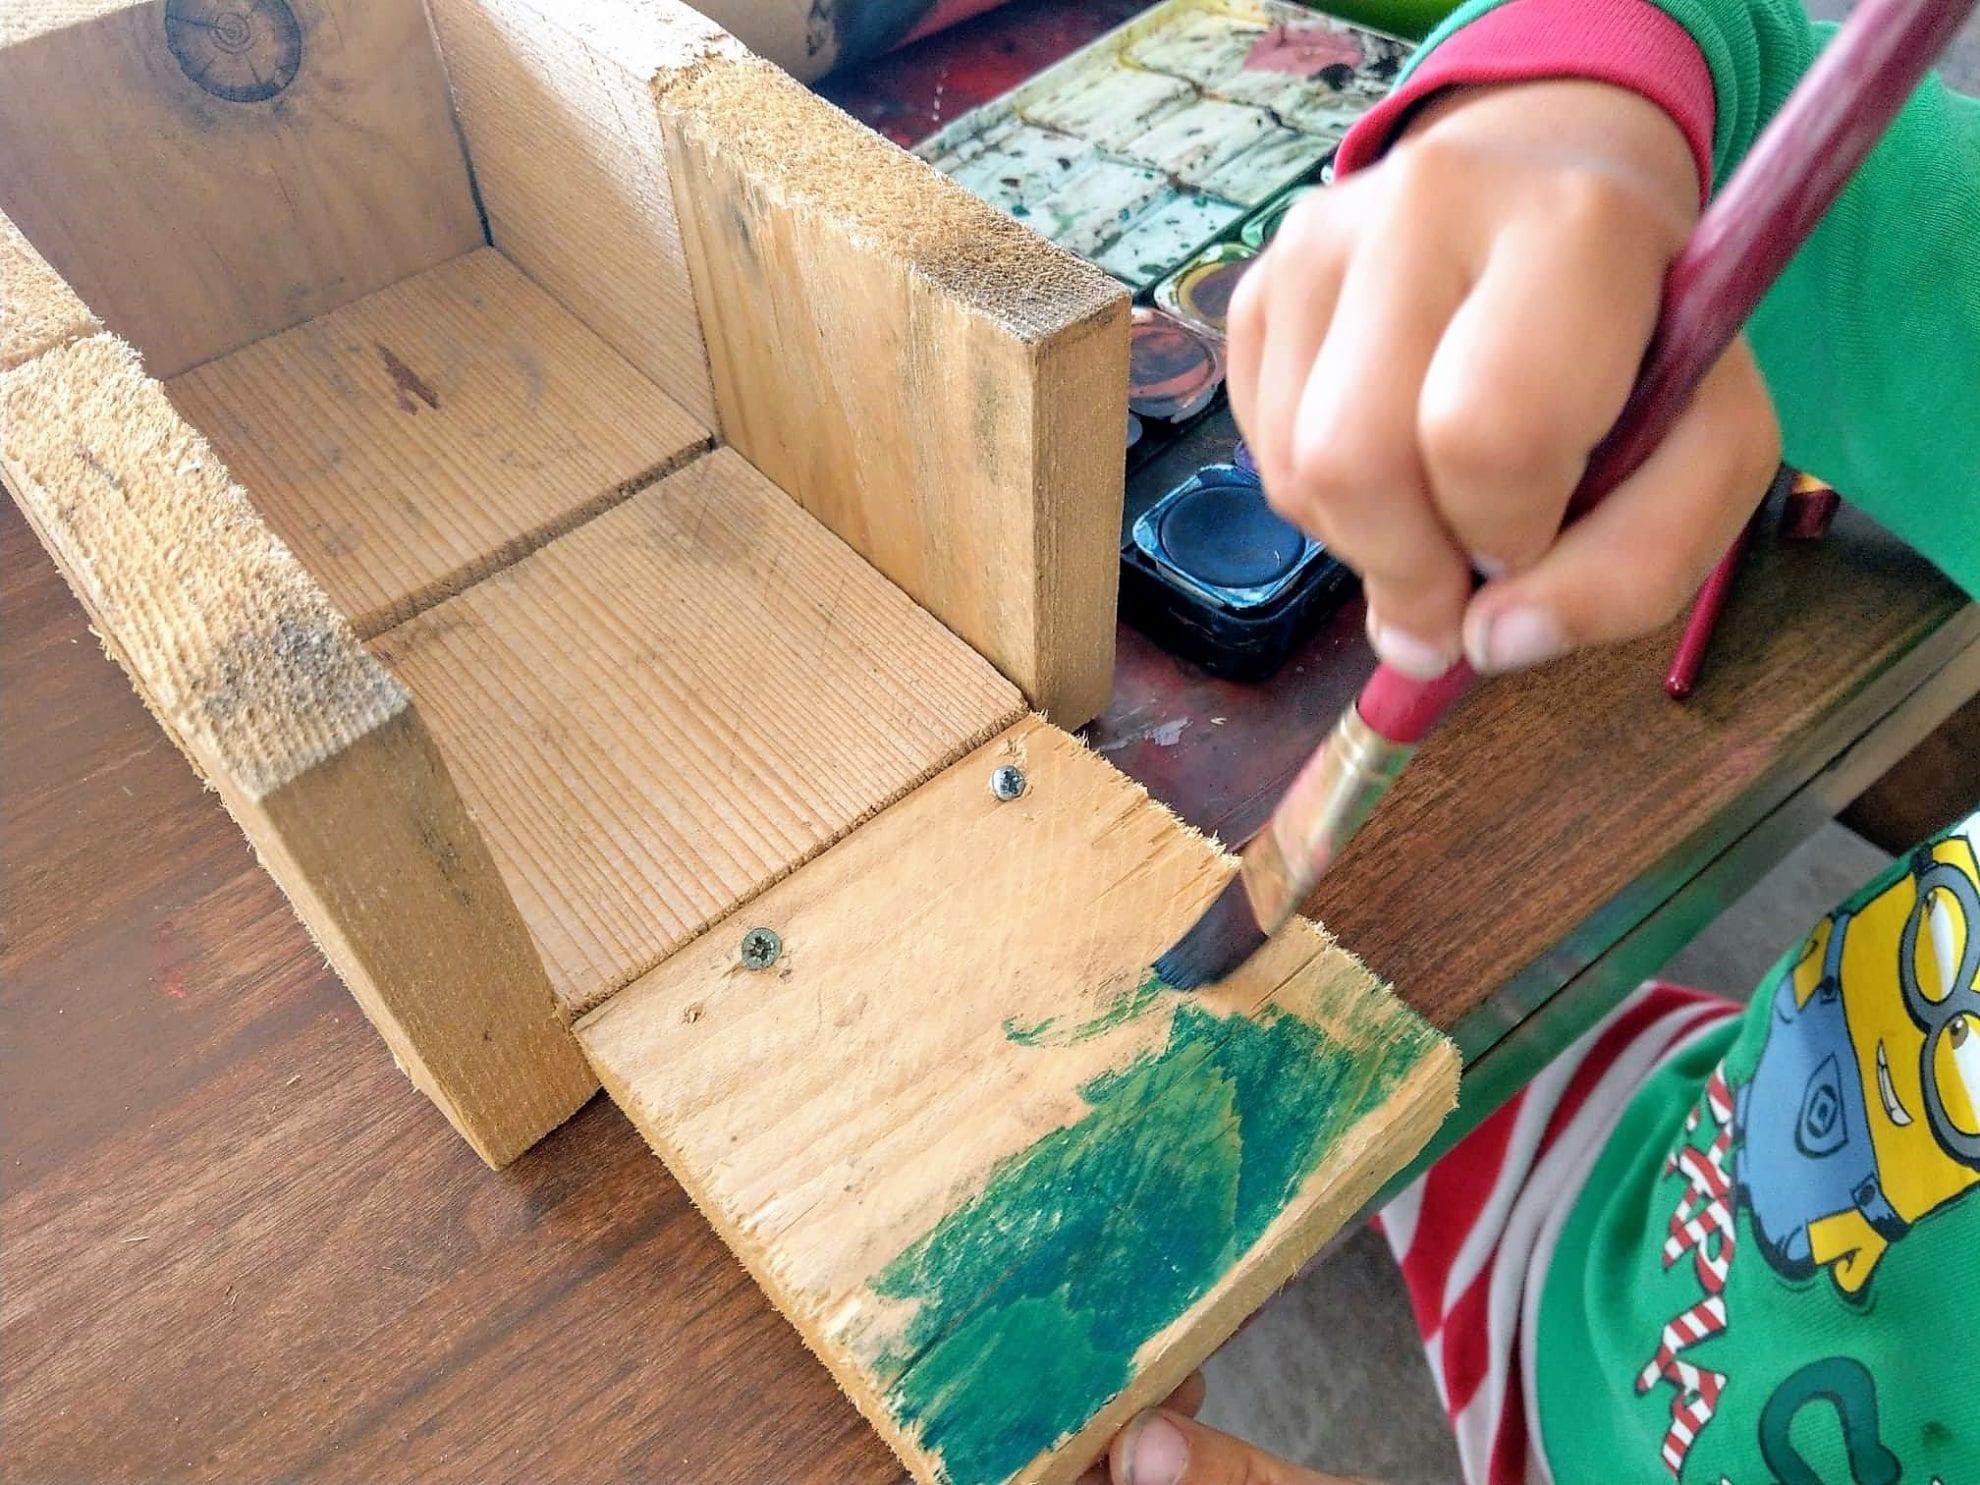 Noch im Schlafanzug malte der Zwerg mit Wasserfarben seine Holzkonstruktion an und lebte so seine kreative Ader aus.